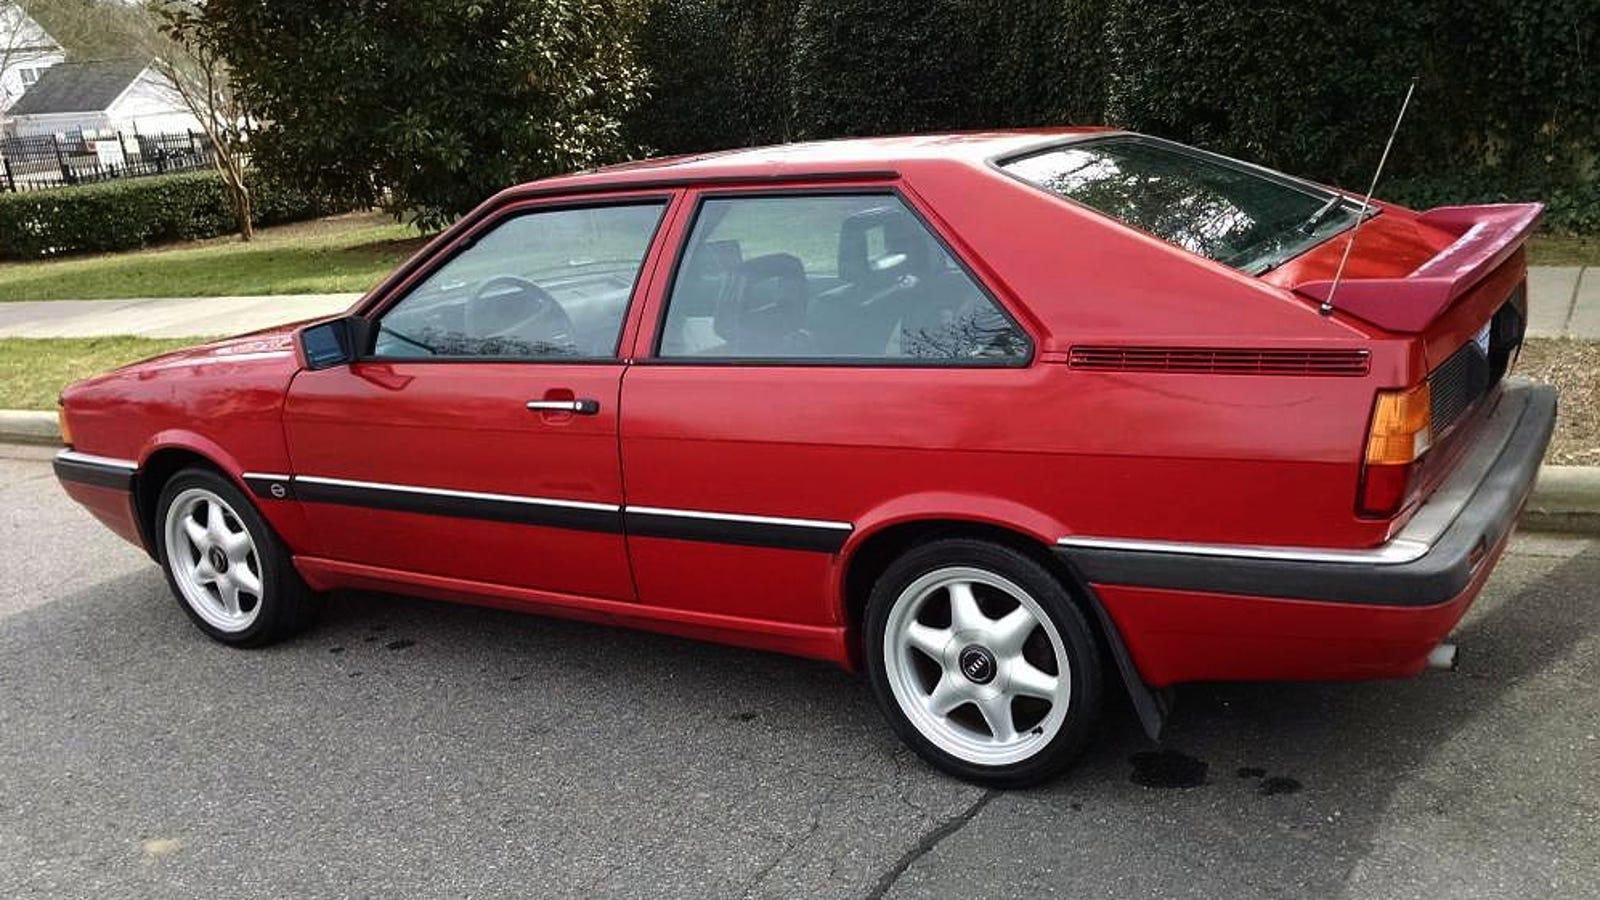 Audi Coupe GT 1987 jalopnik ai1xyshlut4bcu7cmmfi